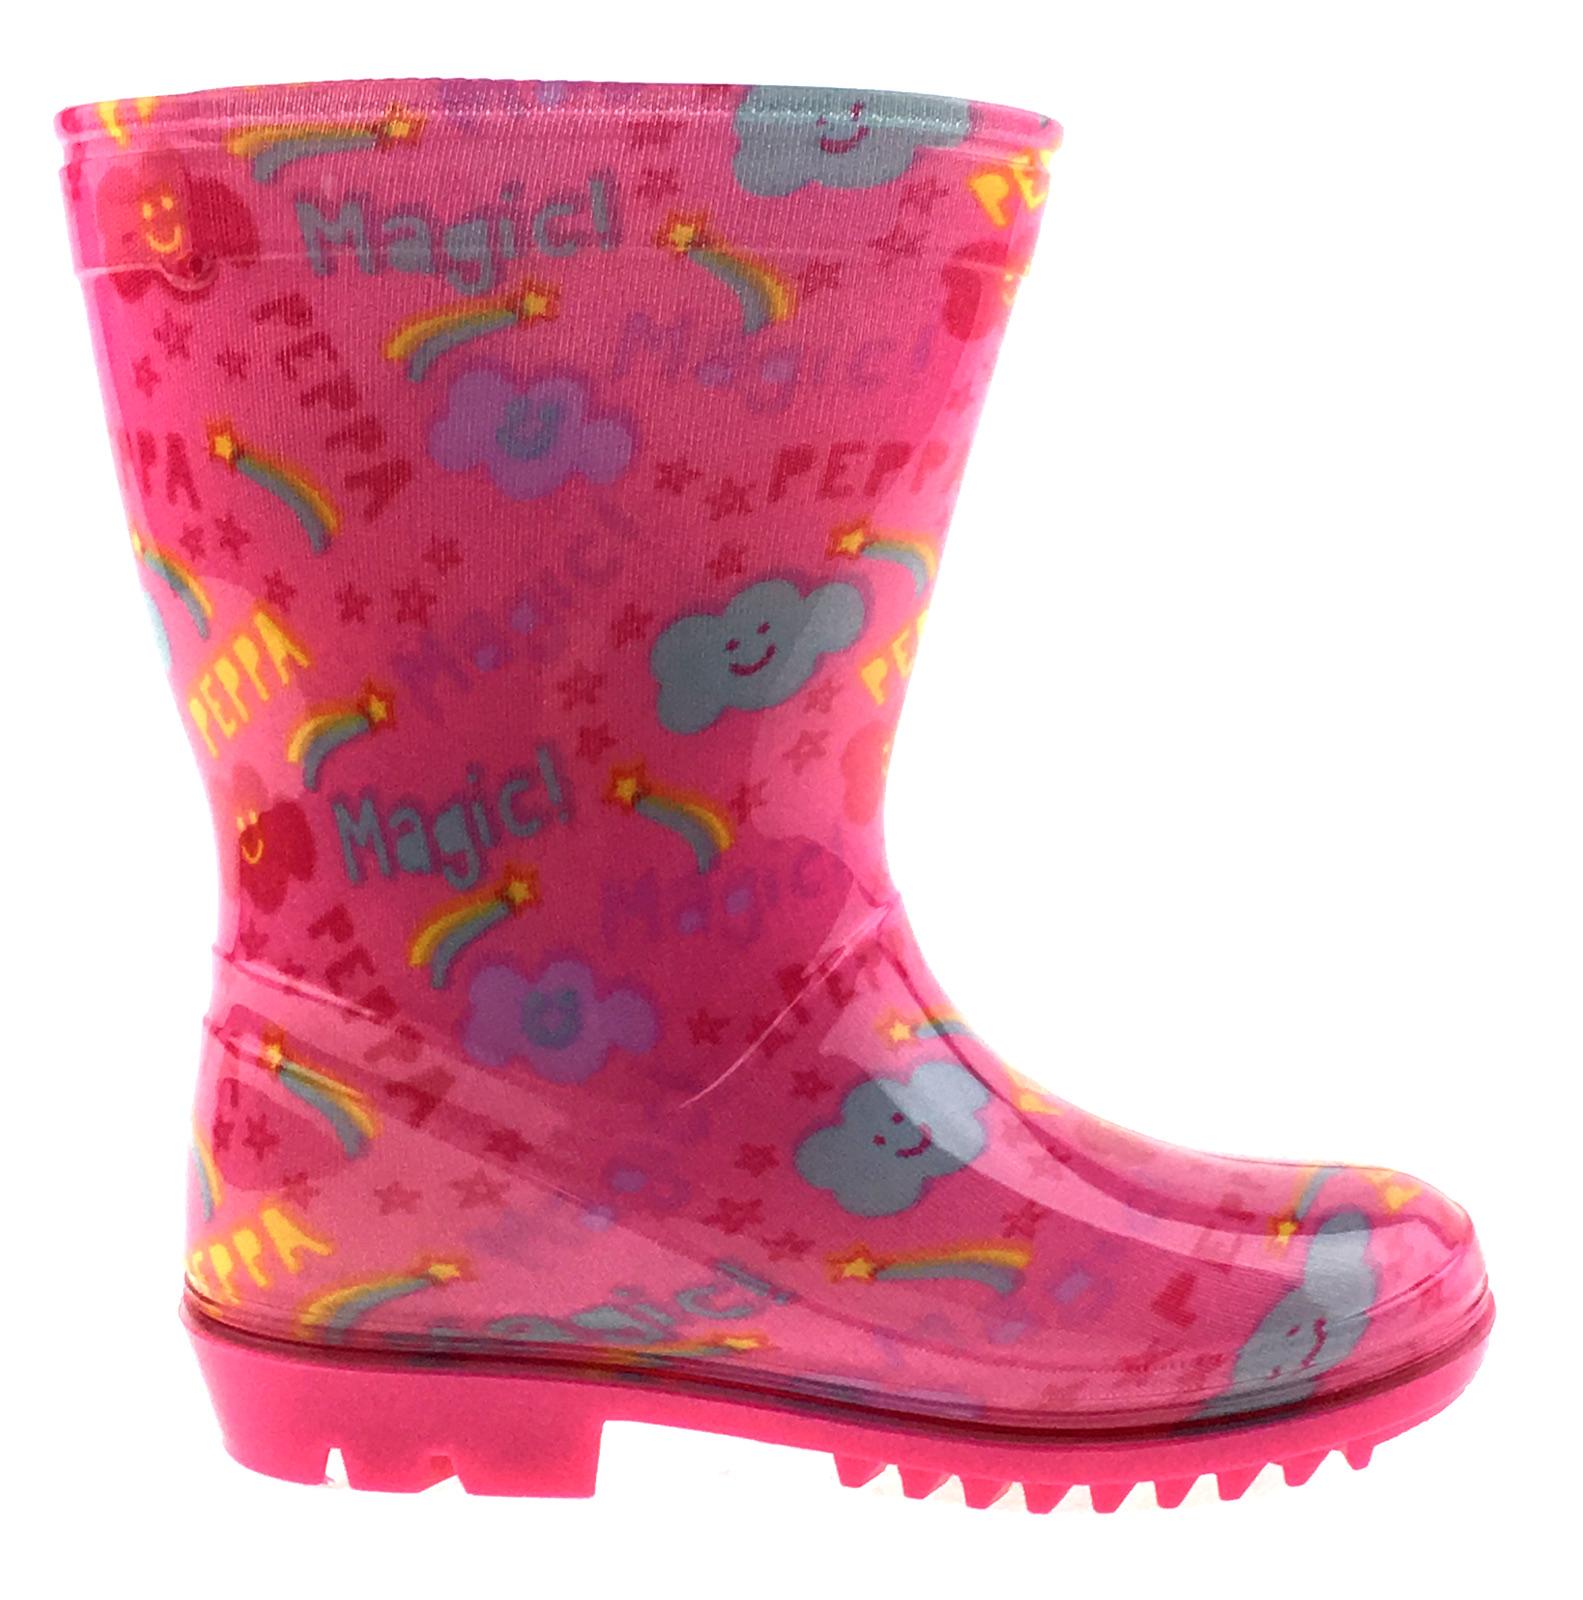 Girls-Peppa-Pig-Wellington-Boots-Mid-Calf-Gitter-Snow-Rain-Wellies-Kids-Size Indexbild 29